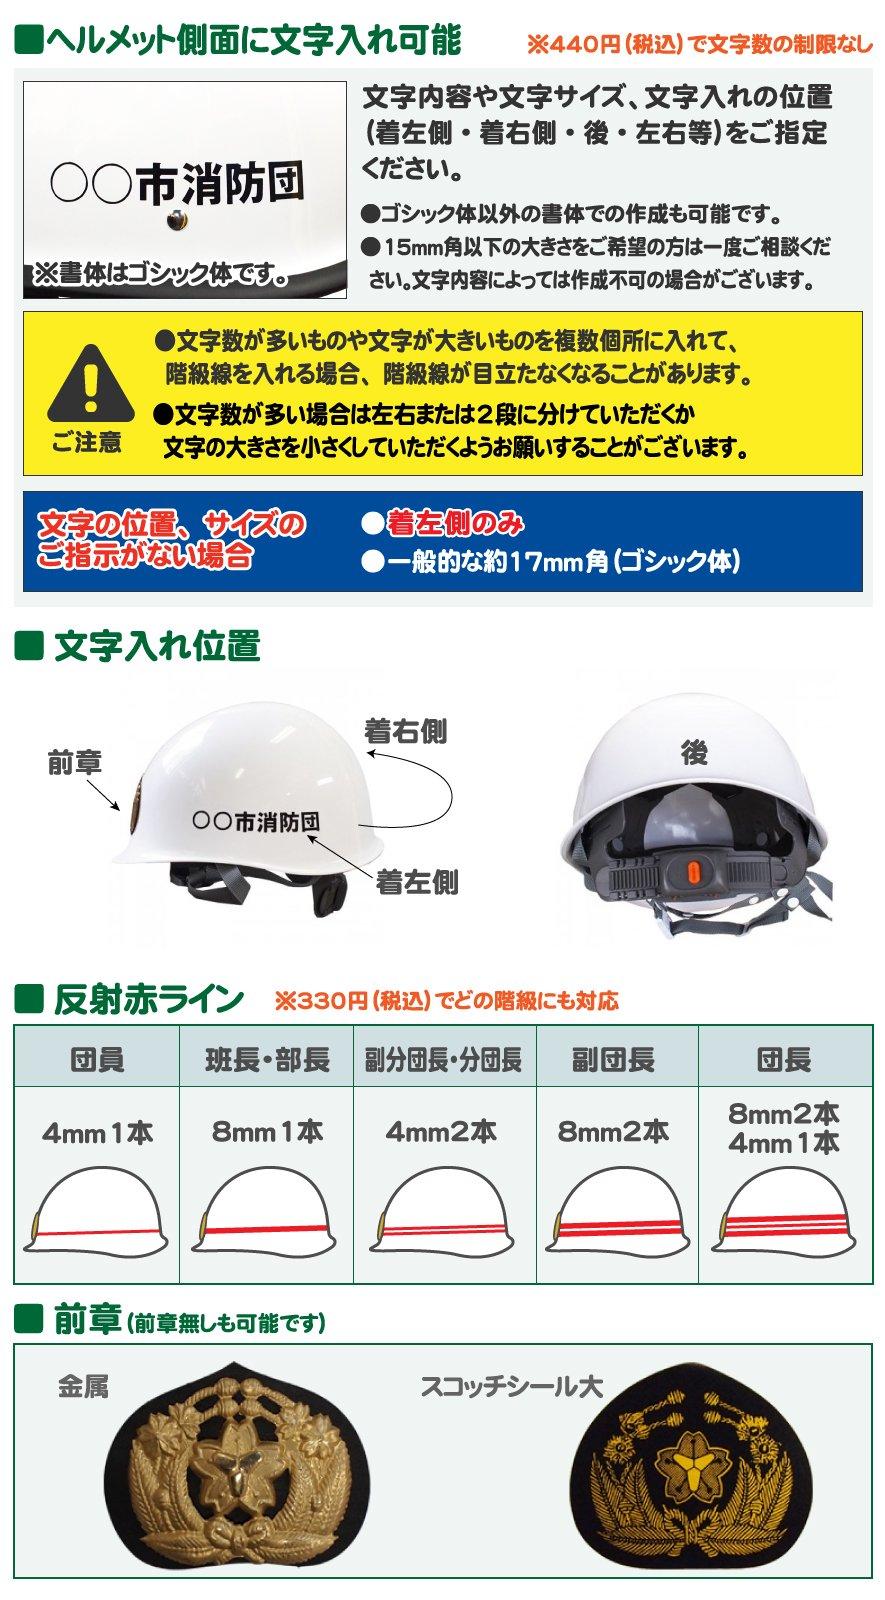 FD-2 消防団新ガイドライン シールド付きシルバーヘルメット シコロ付き スチロール入【画像9】